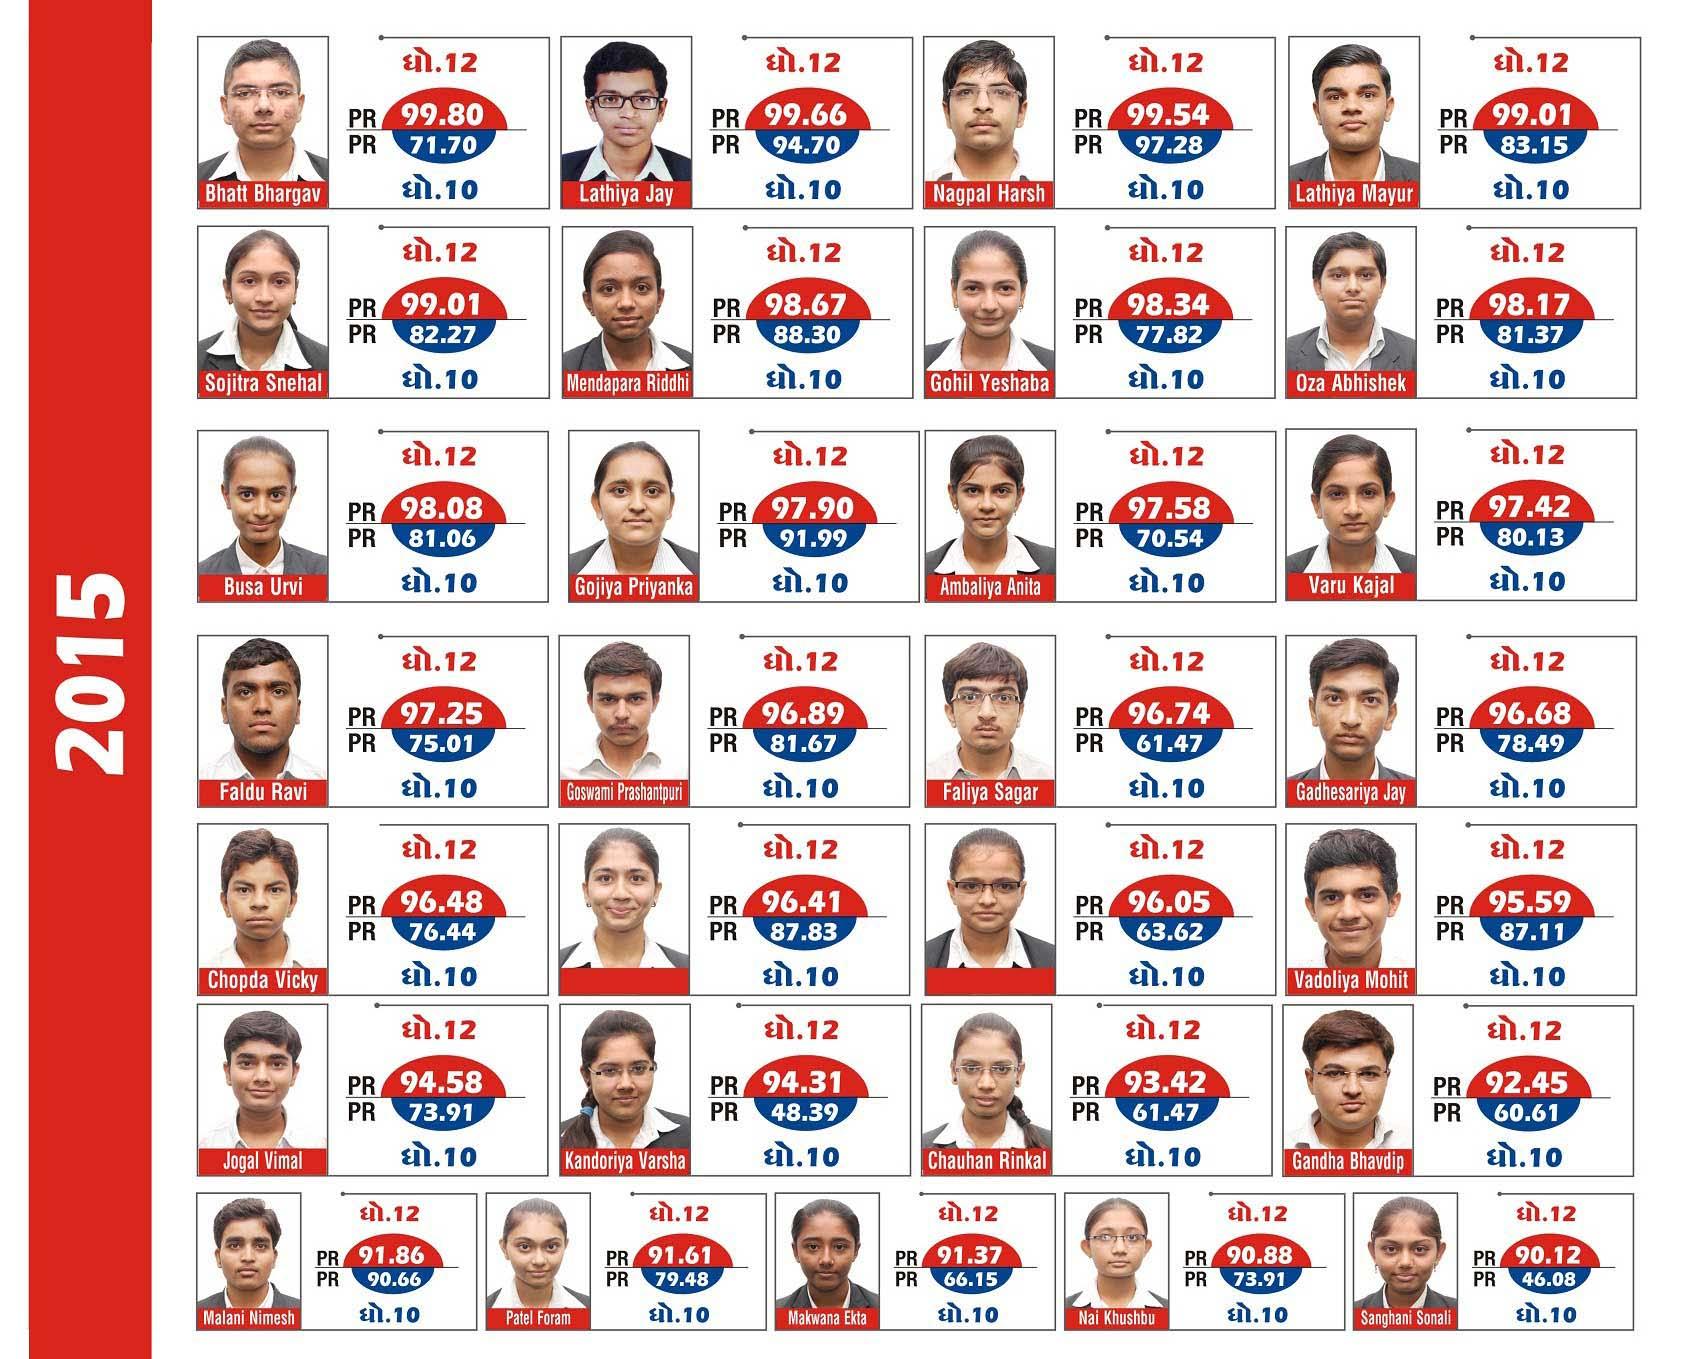 krishna schools Commerce Result of 2015